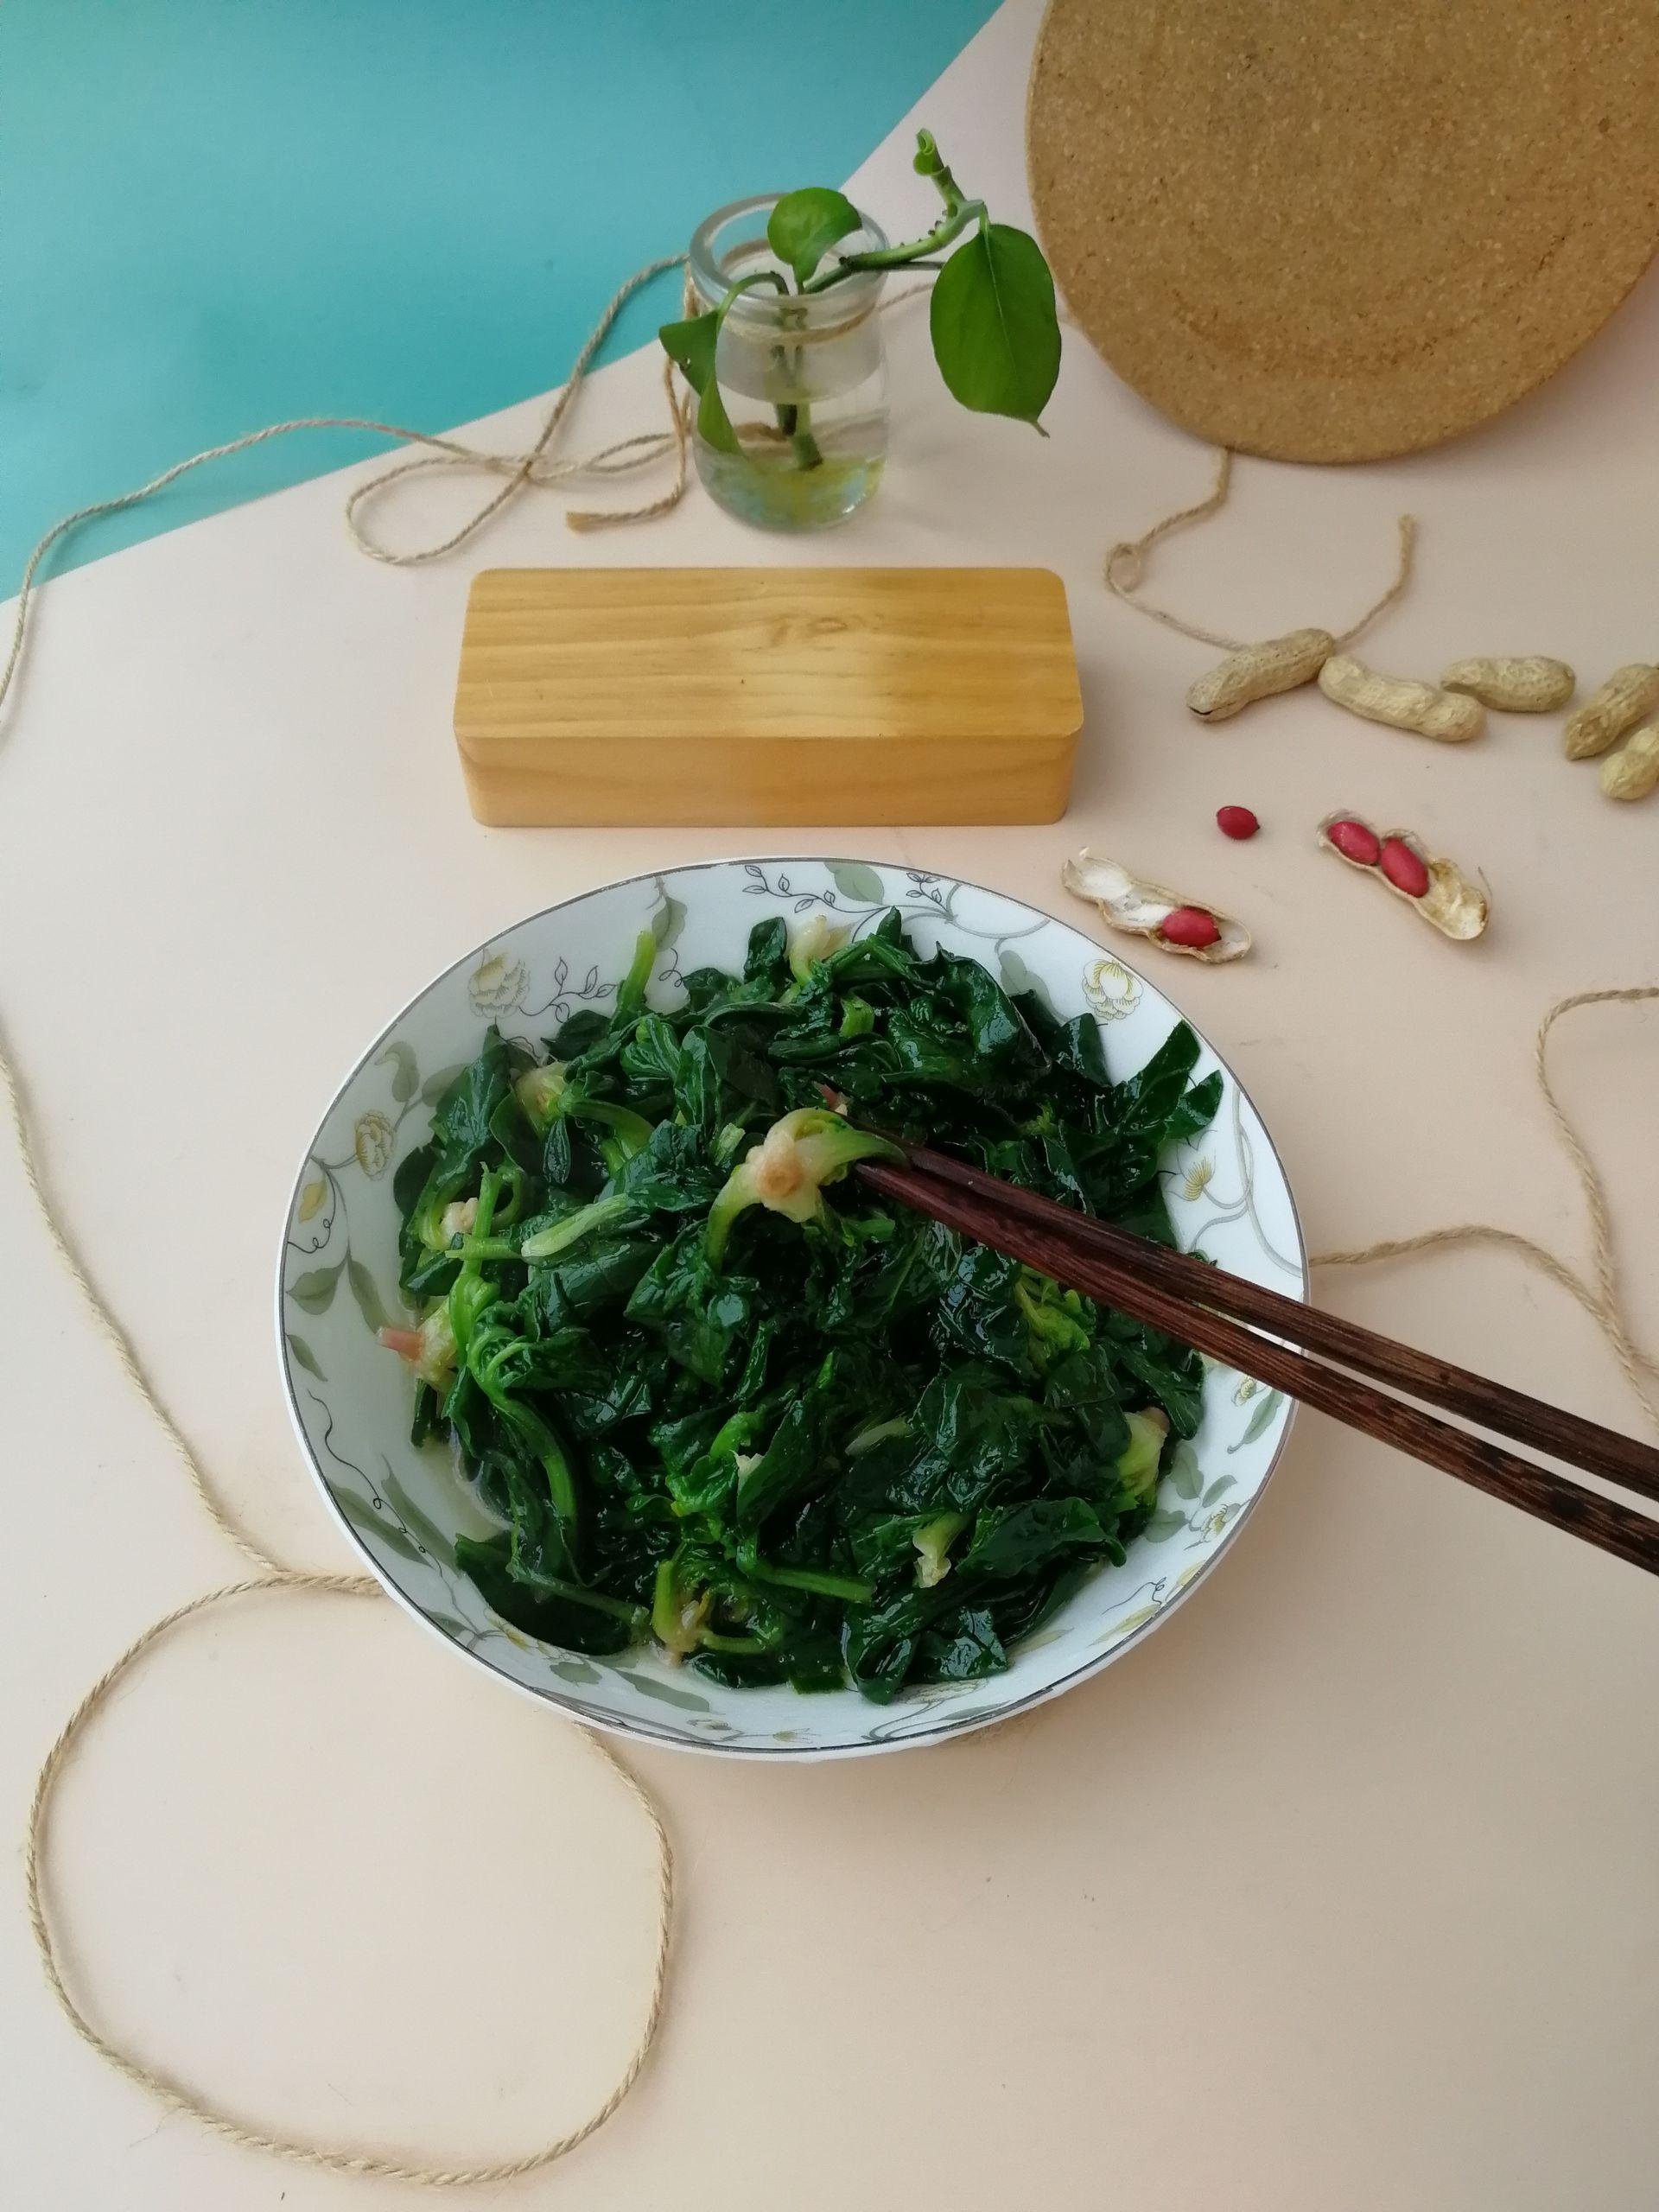 清炒菠菜成品图